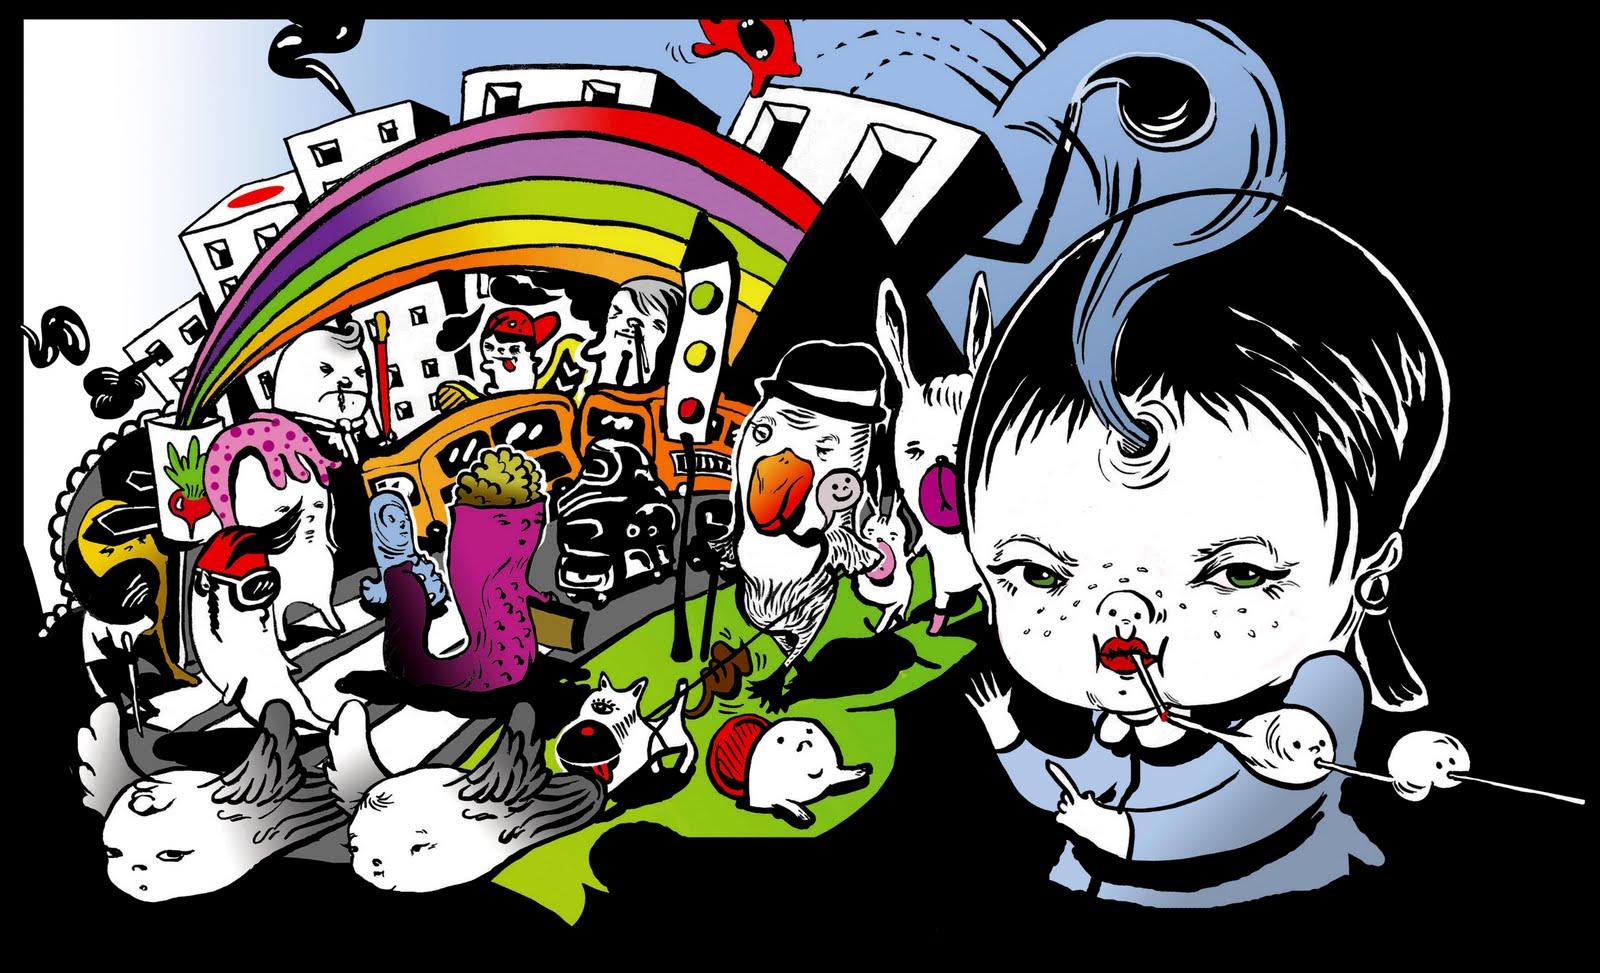 http://2.bp.blogspot.com/_WXvs0p6OZMA/TFQJvO9LW1I/AAAAAAAAAAY/-gUFjBzjTZM/S1600-R/top+blog.jpg